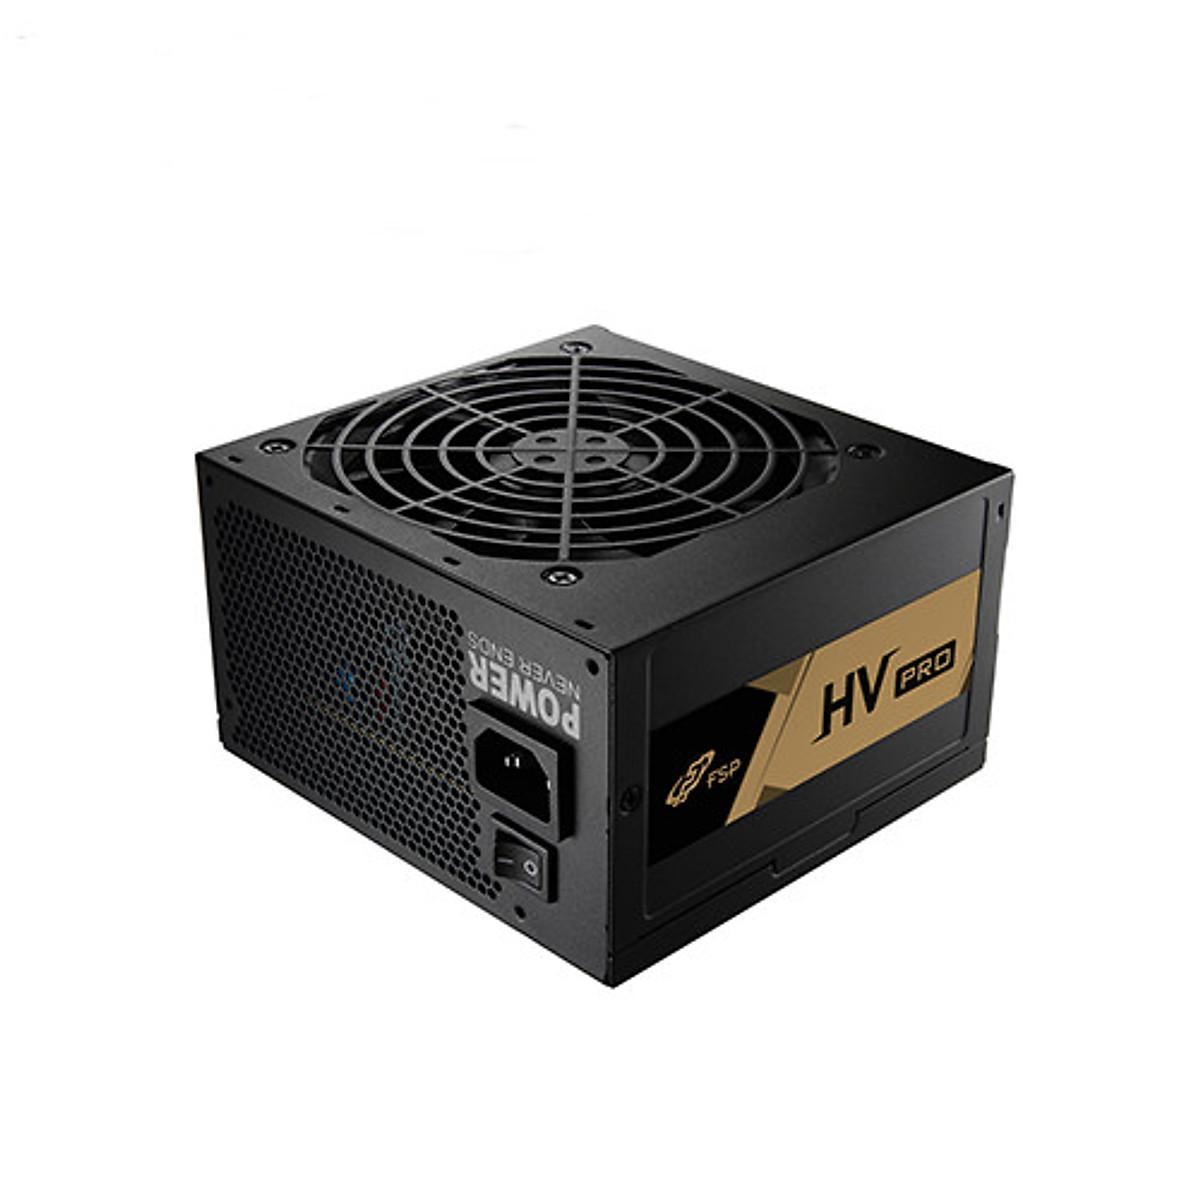 Nguồn máy tính FSP HV PRO 550W 80 plus Chính Hãng